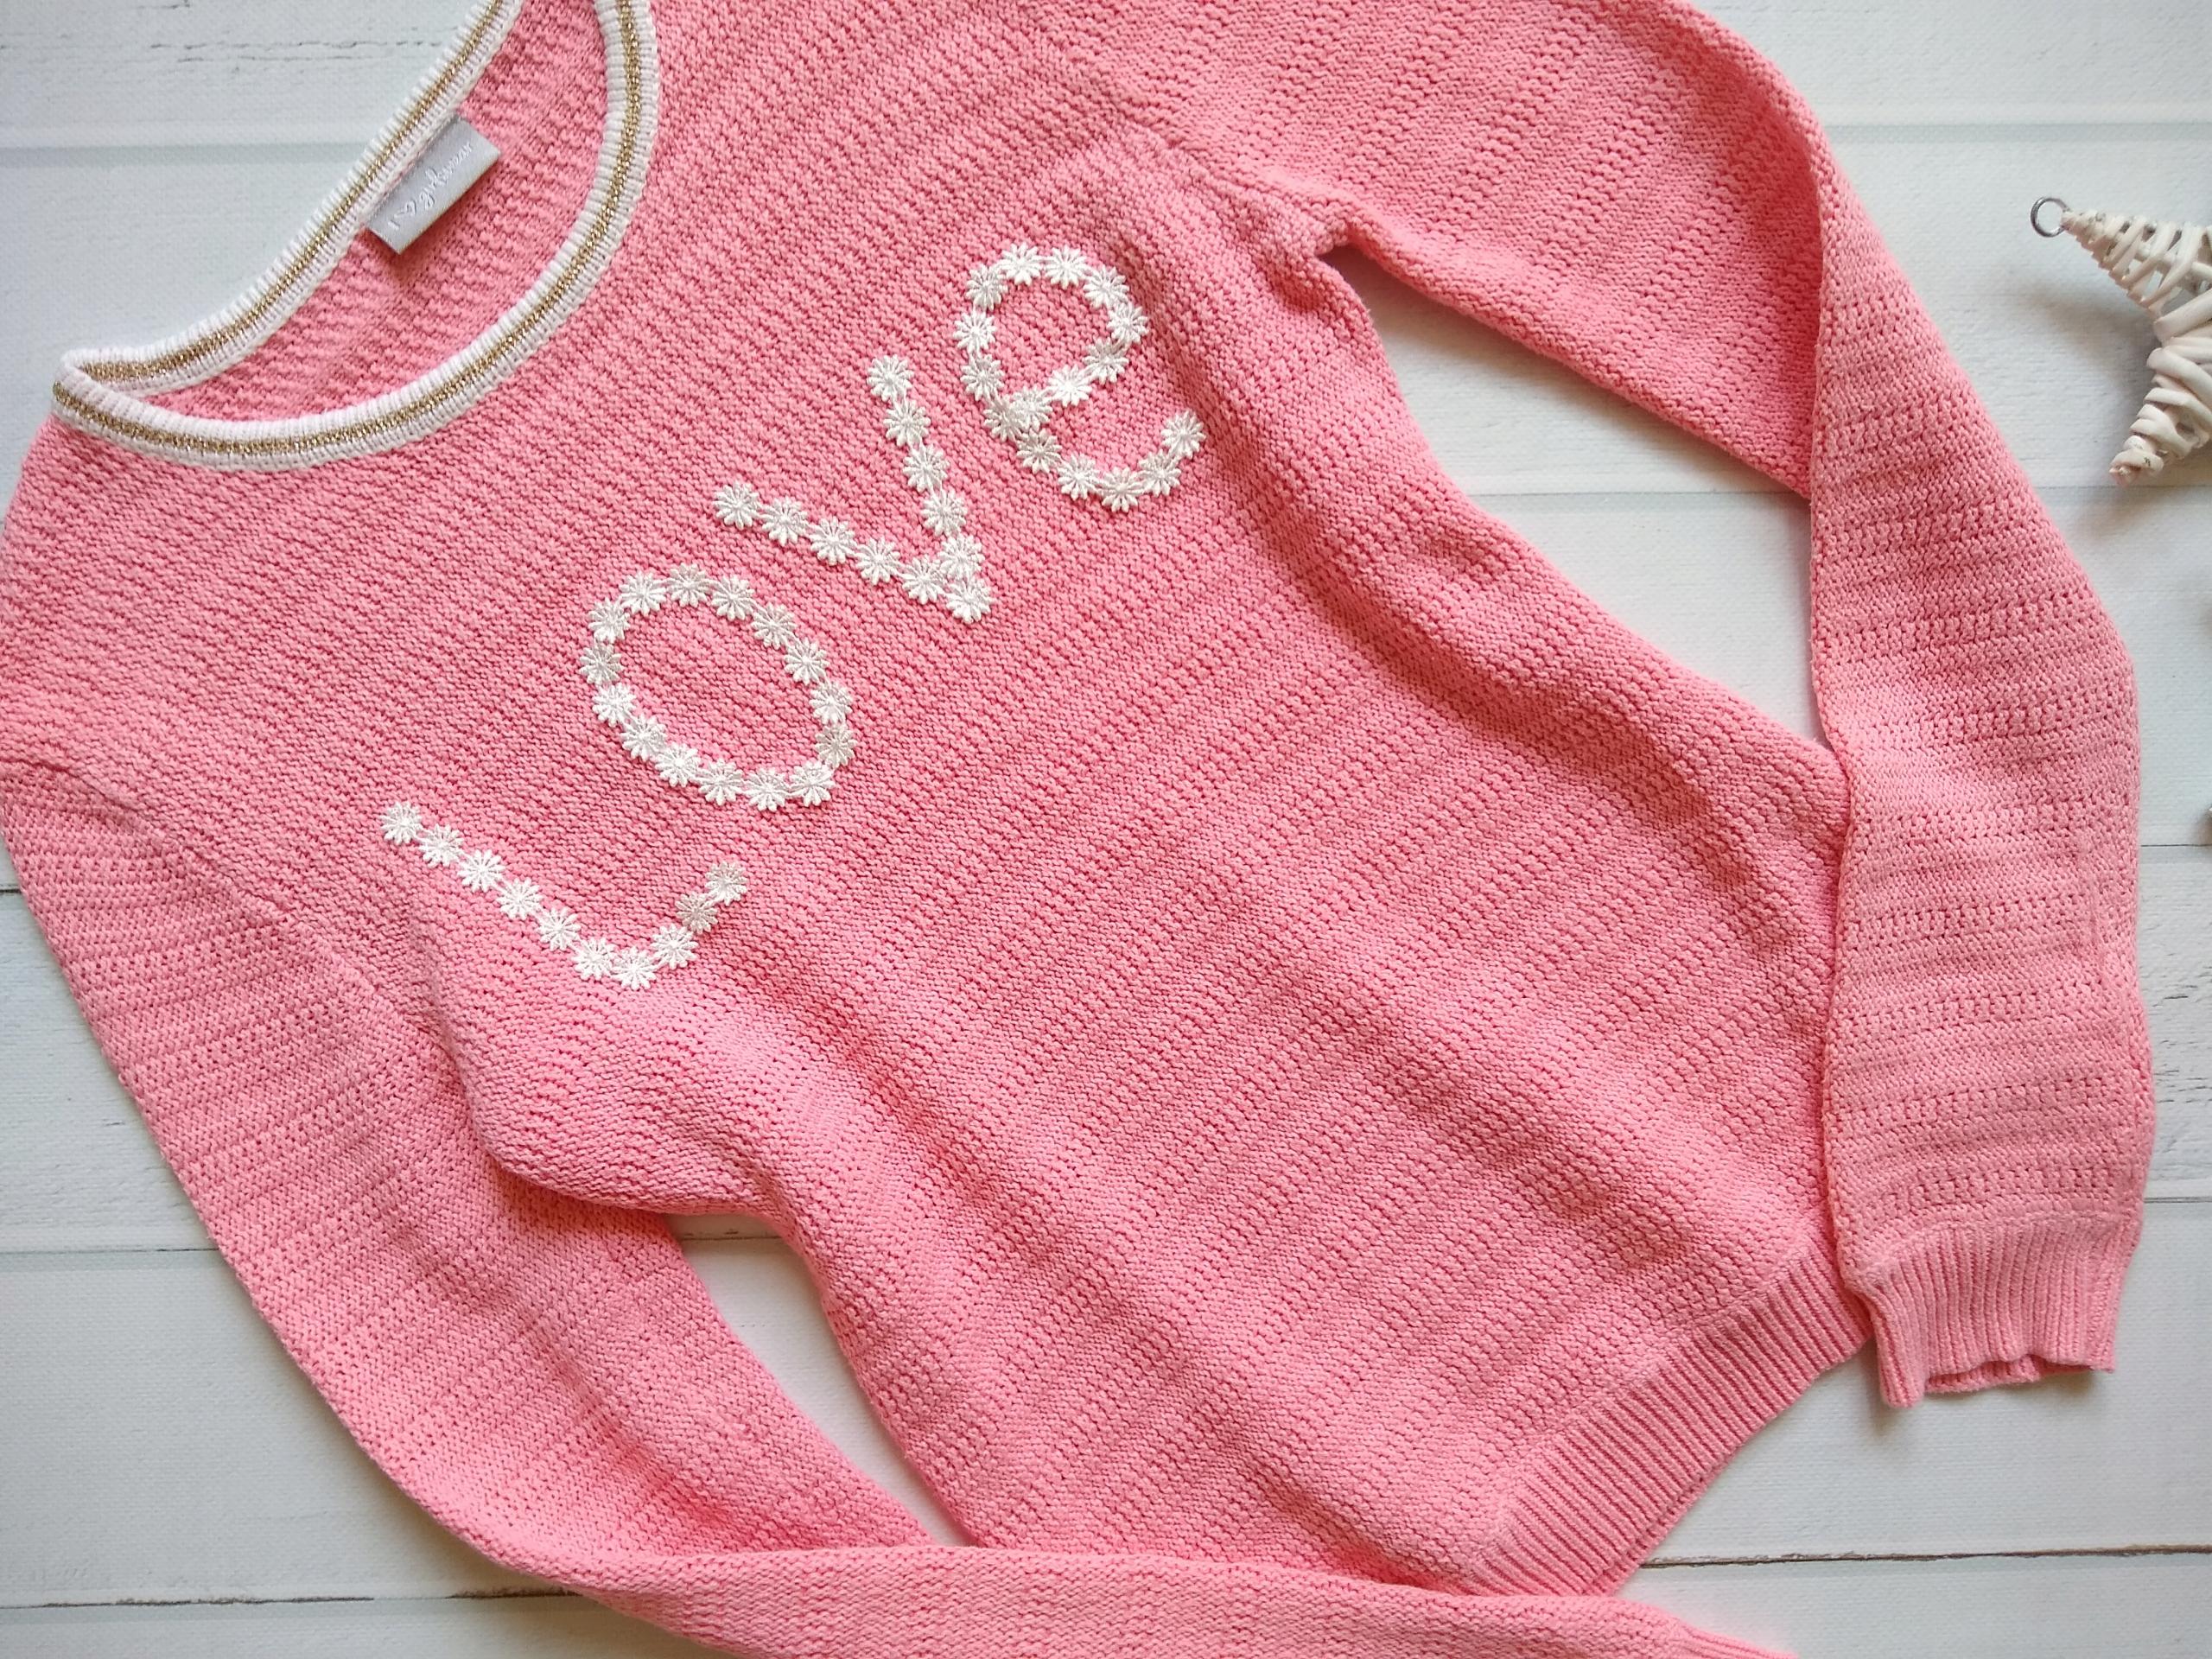 I love girlswear seterek j nowy leciony cudny 146